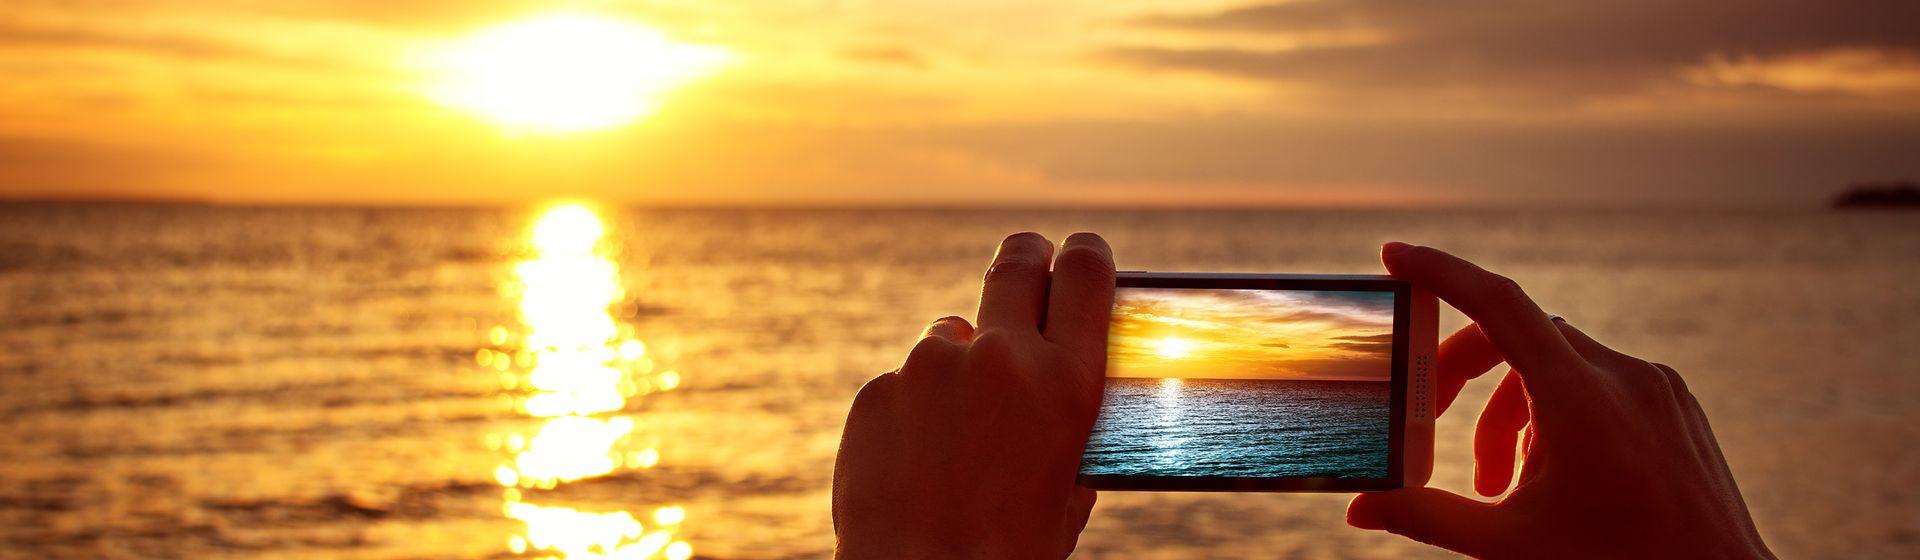 Melhor câmera de celular de 2021: 20 opções de celular bom para tirar fotos